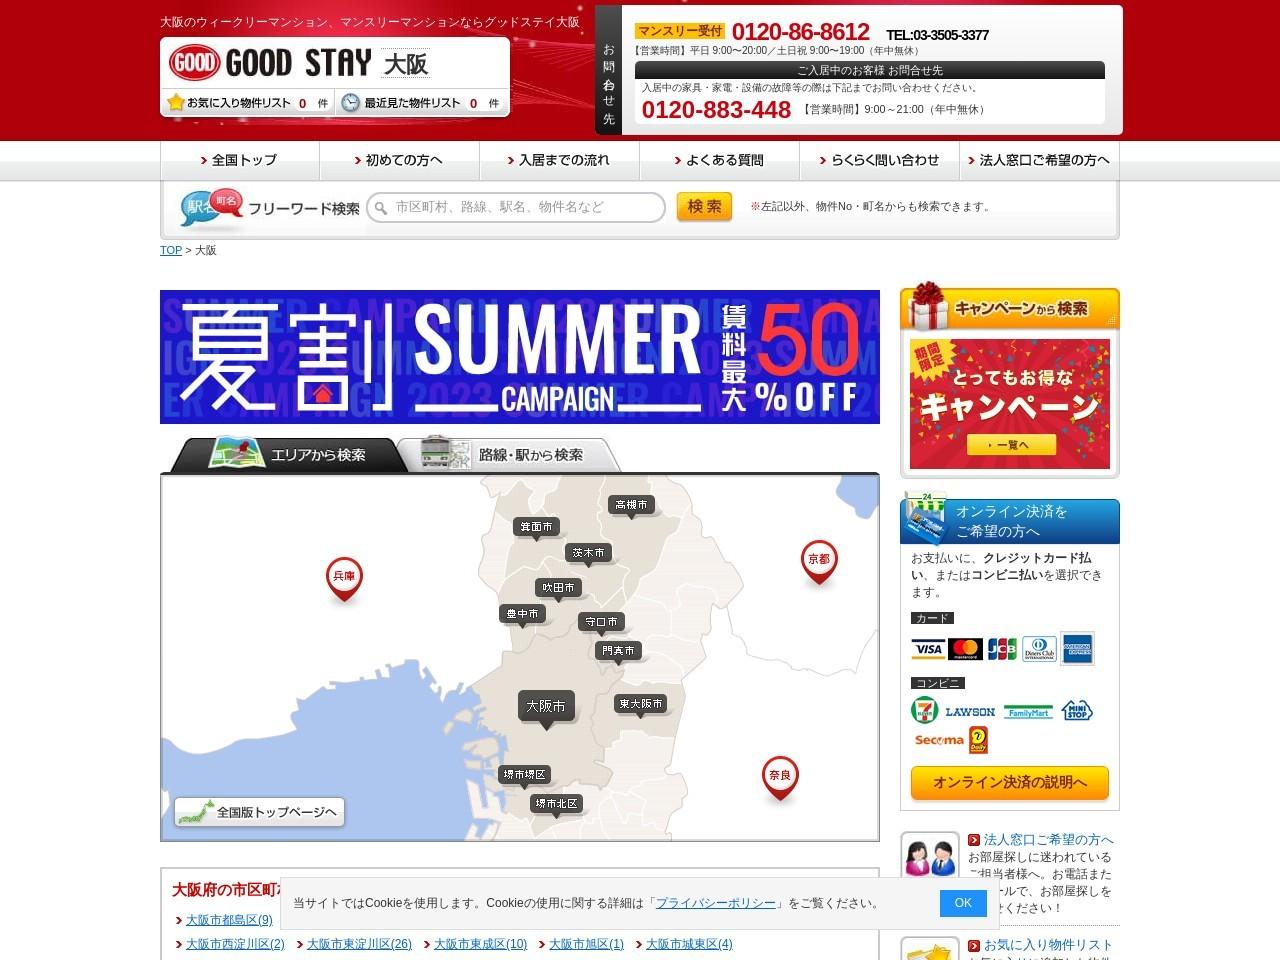 グッド・ステイネット大阪